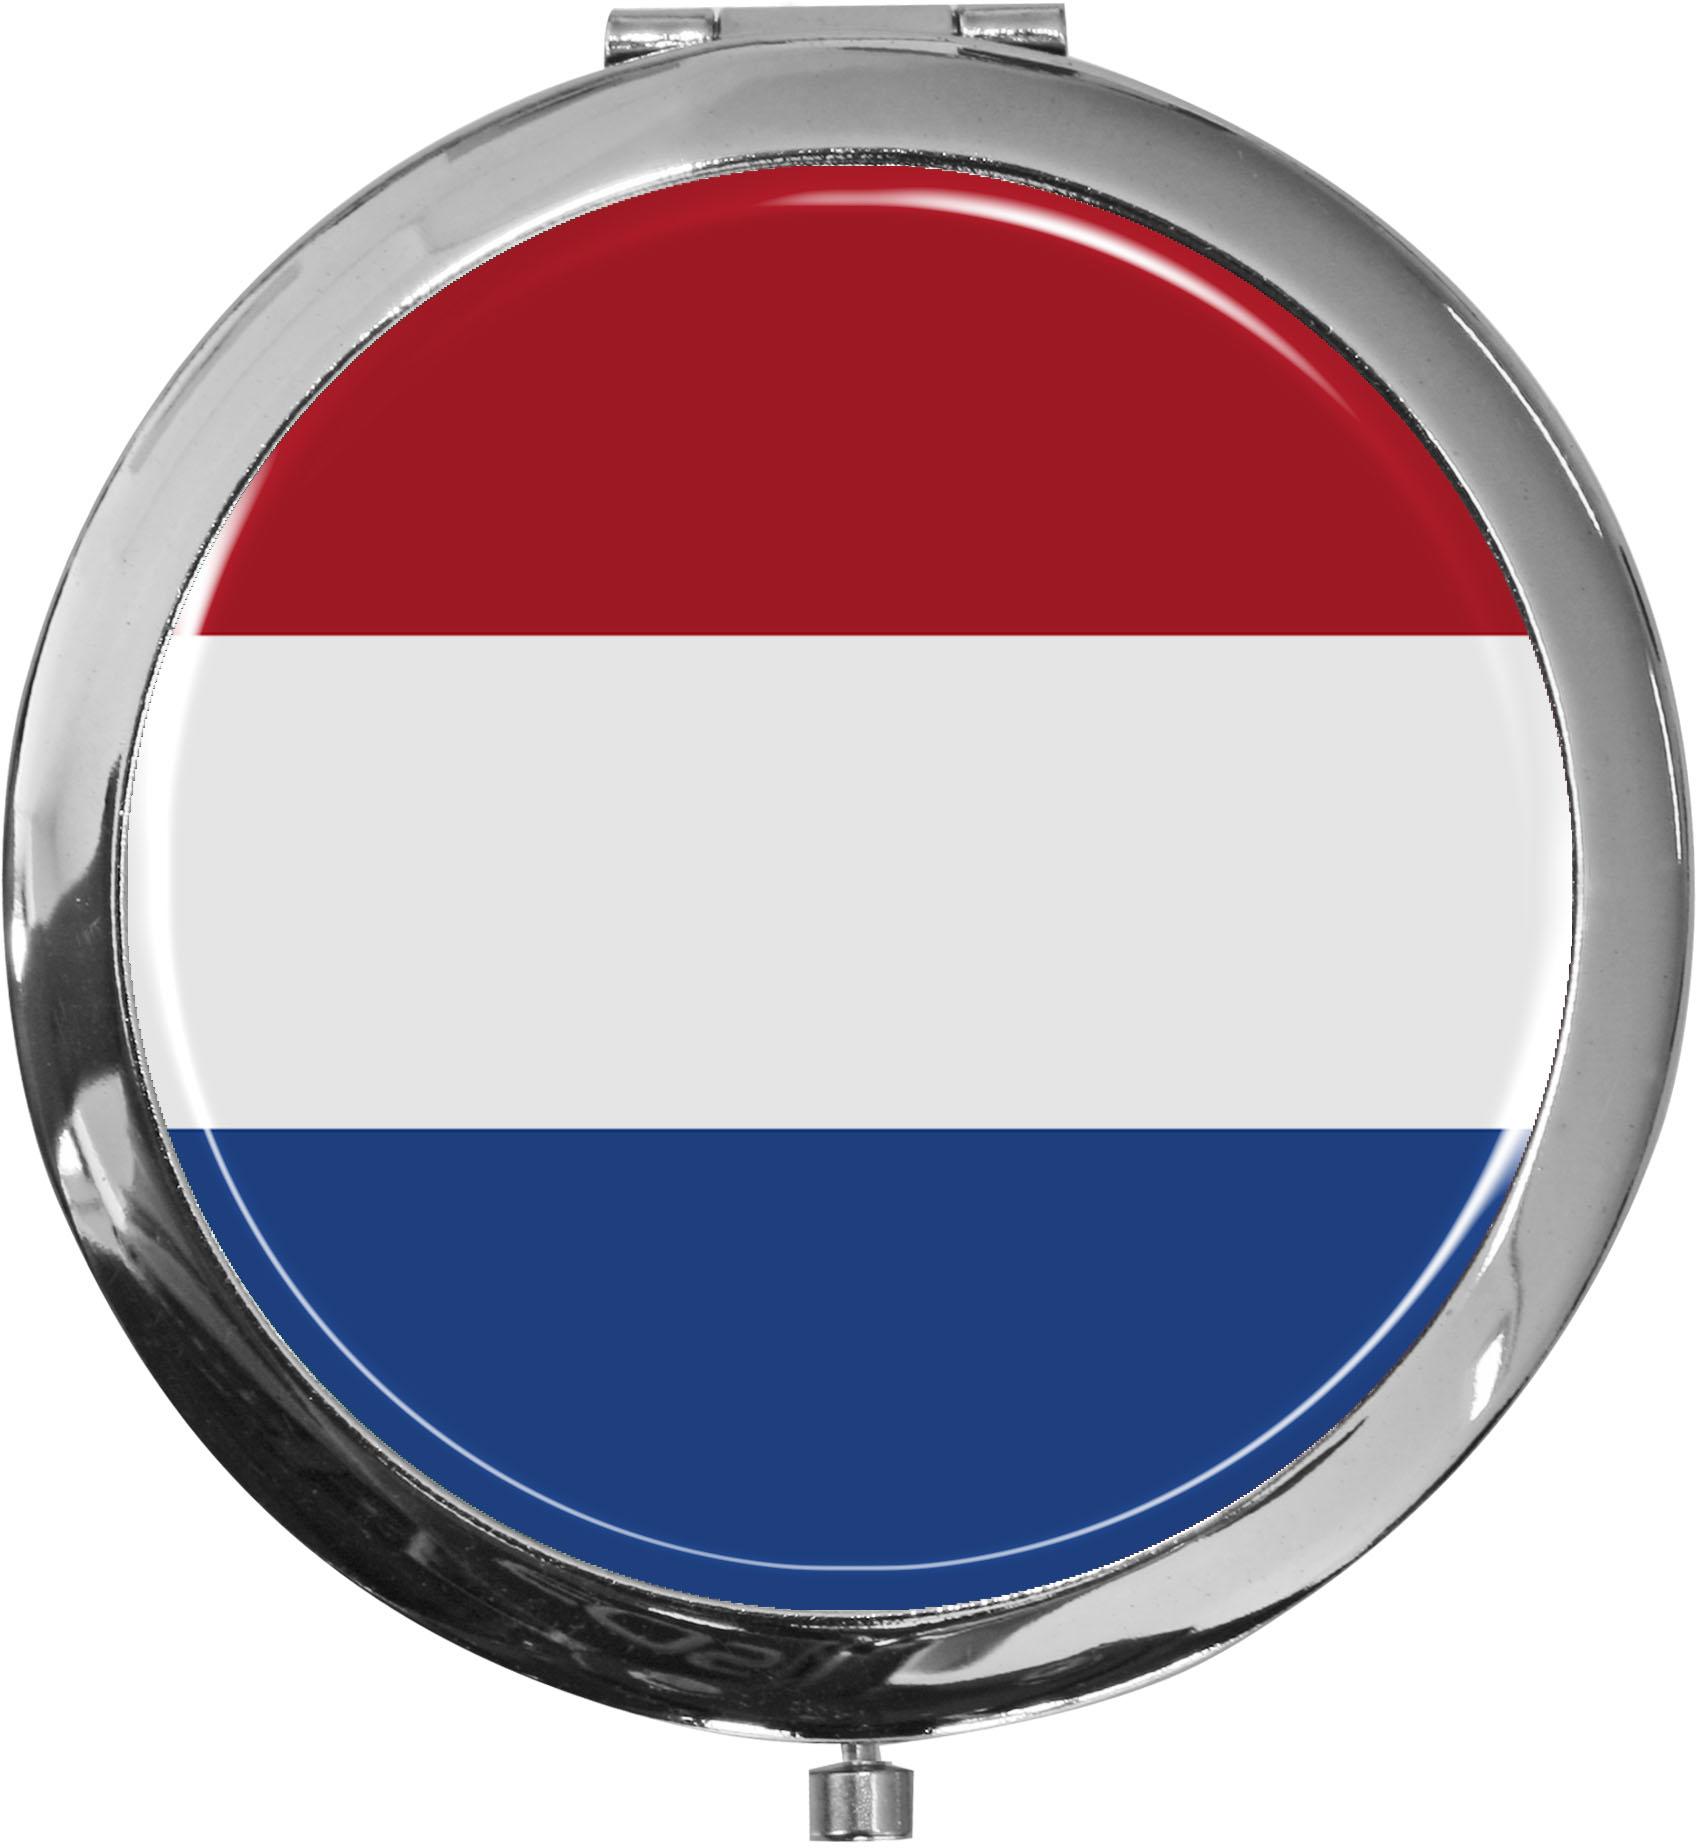 Taschenspiegel / Spiegel / Flagge Niederlande / 2 fache Vergrößerung